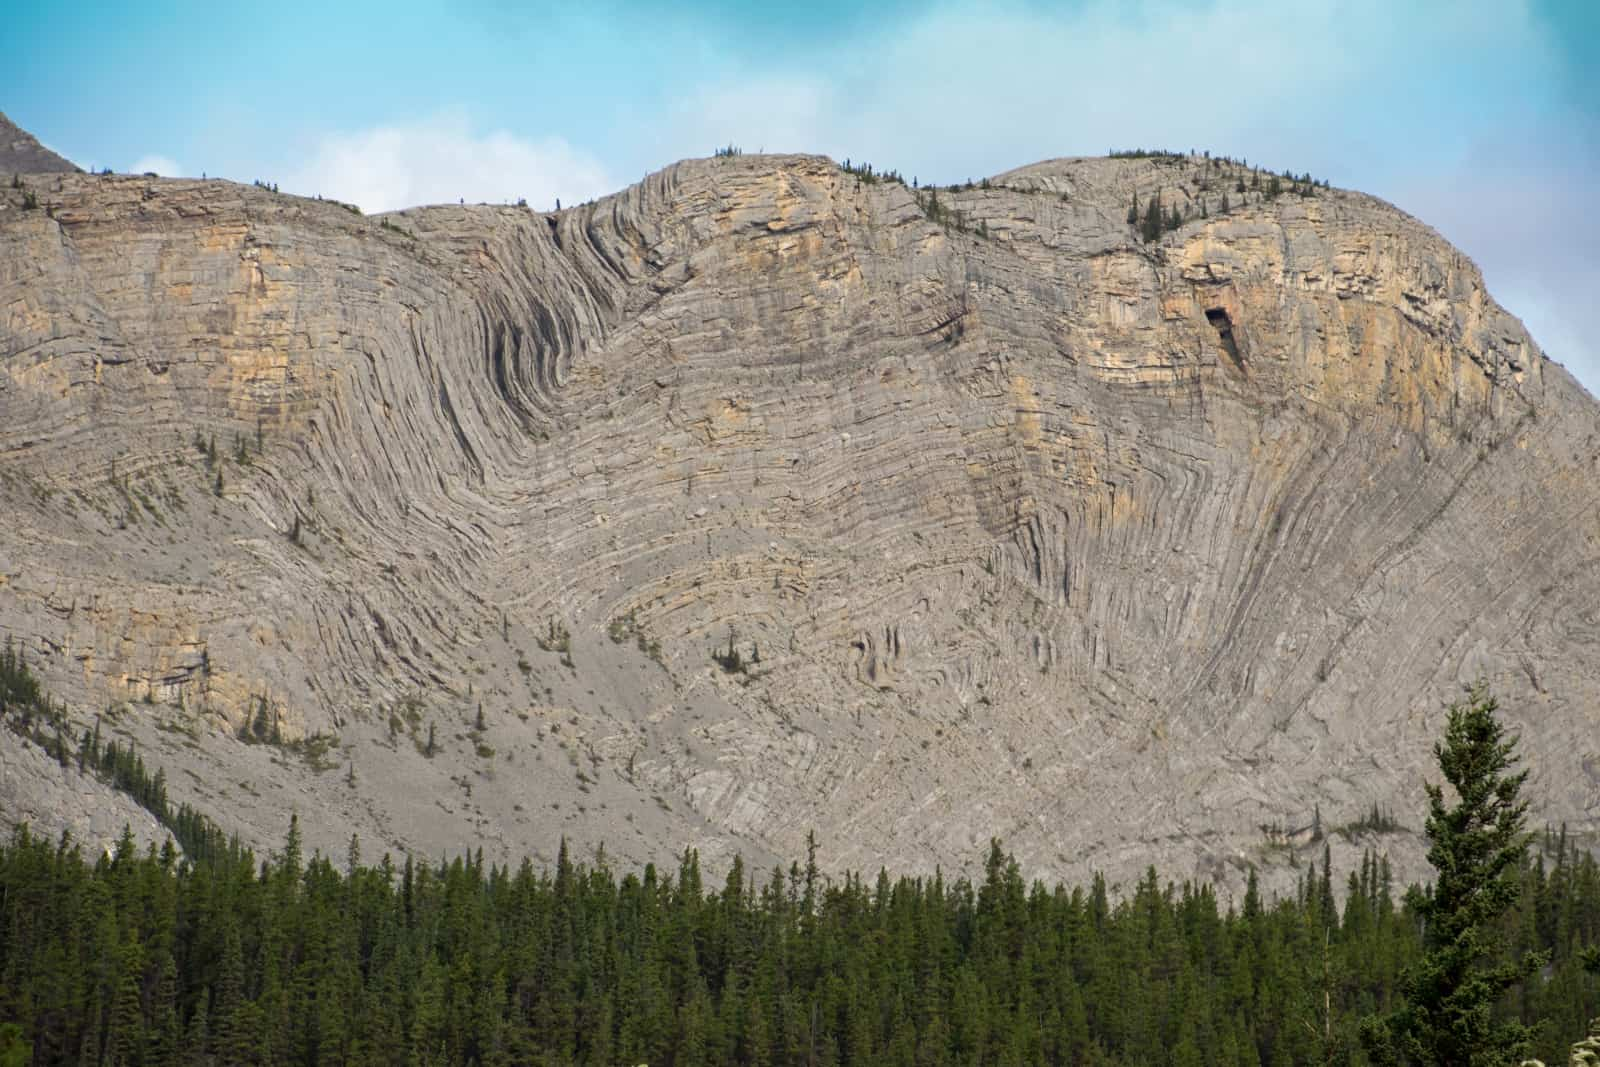 Welch unglaublichen Kräfte haben hier gewirkt. Die Folded Mountains in Northern BC. Foto Daniela Ganz